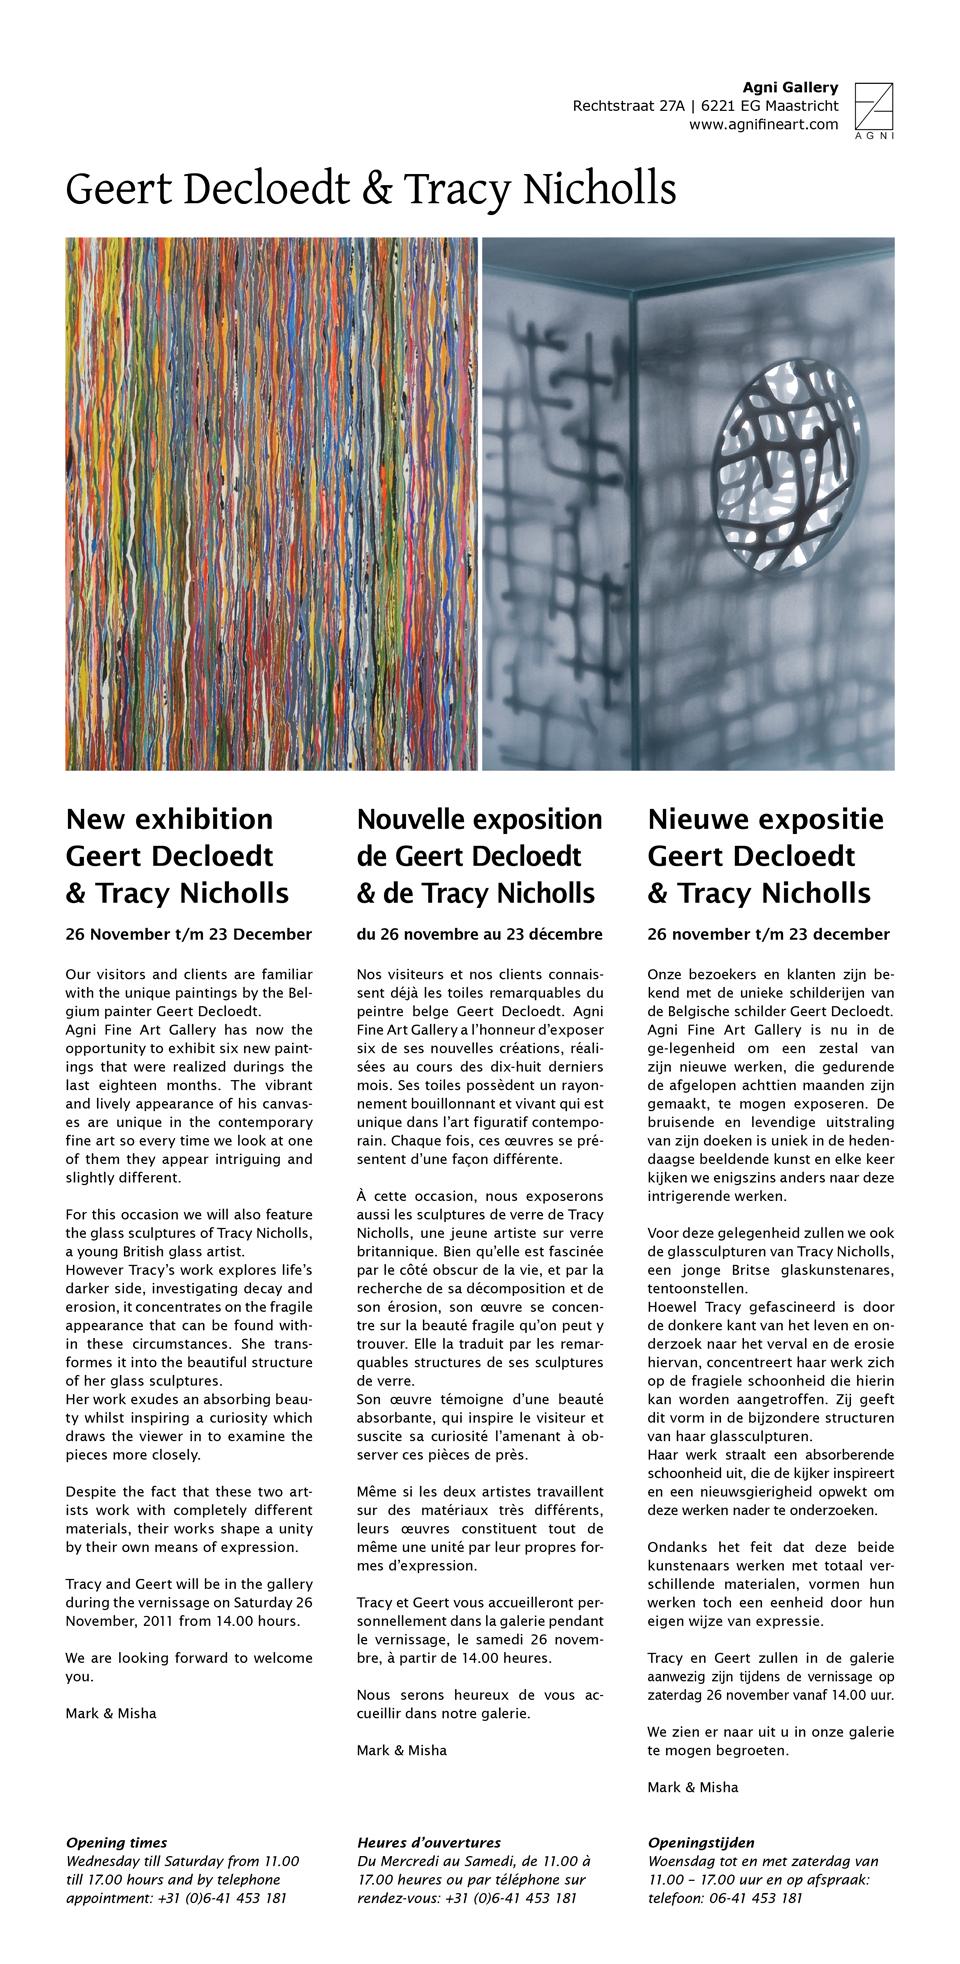 Nieuwe expositie Geert Decloedt & Tracy Nickolls